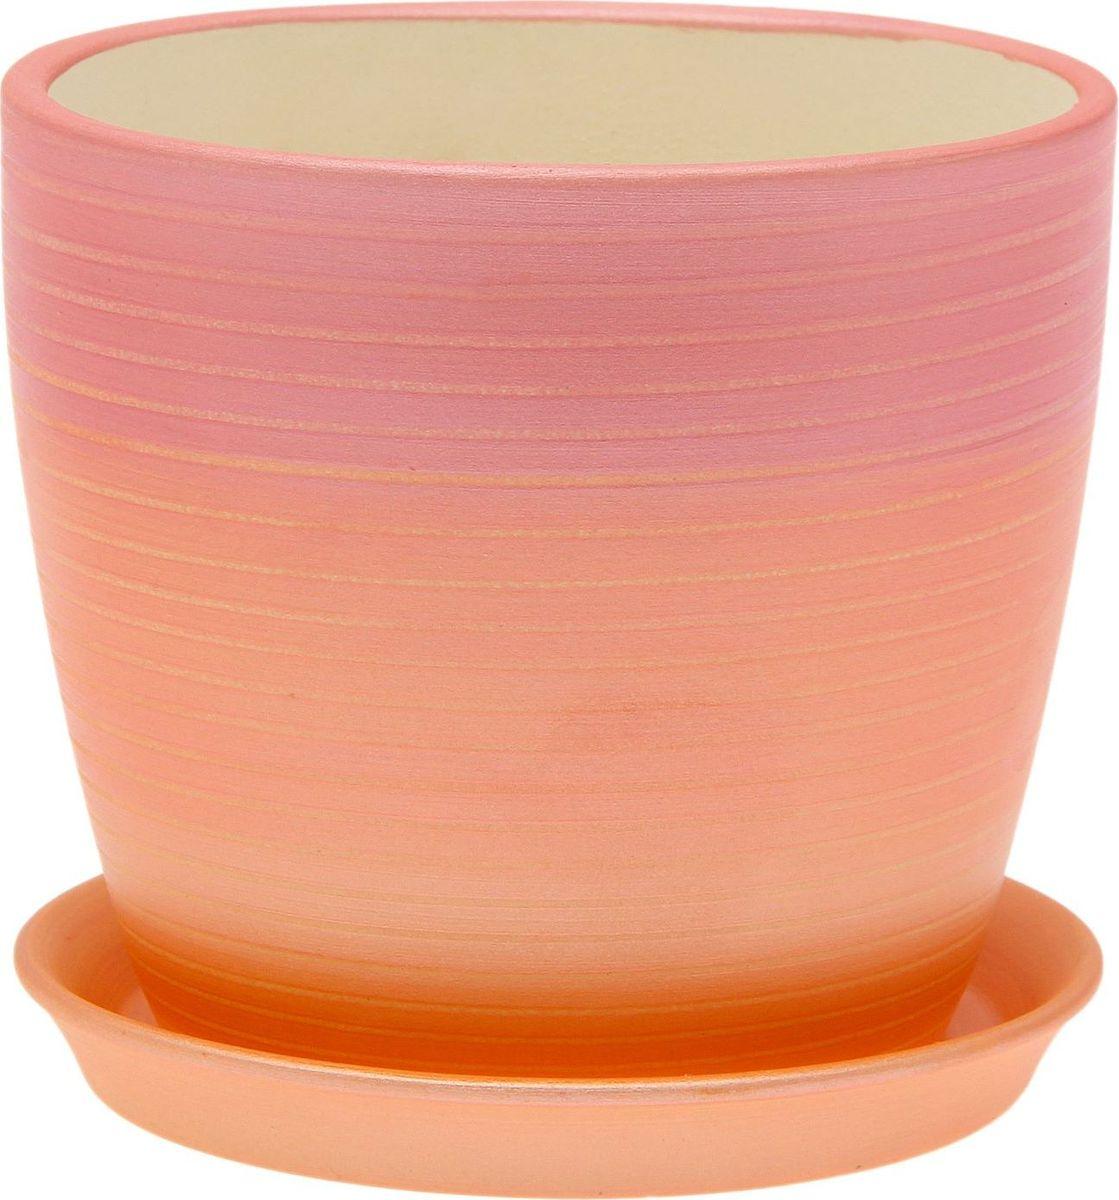 Кашпо Керамика ручной работы Осень. Радуга, цвет: красный, 1 л1968864Комнатные растения - всеобщие любимцы. Они радуют глаз, насыщают помещение кислородом и украшают пространство. Каждому из них необходим свой удобный и красивый дом.Кашпо из керамики прекрасно подходит для высадки растений: за счёт пластичности глины и разных способов обработки существует великое множество форм и дизайнов, пористый материал позволяет испаряться лишней влаге, воздух, необходимый для дыхания корней, проникает сквозь керамические стенки! Изделие освежит интерьер и подчеркнёт его стиль.